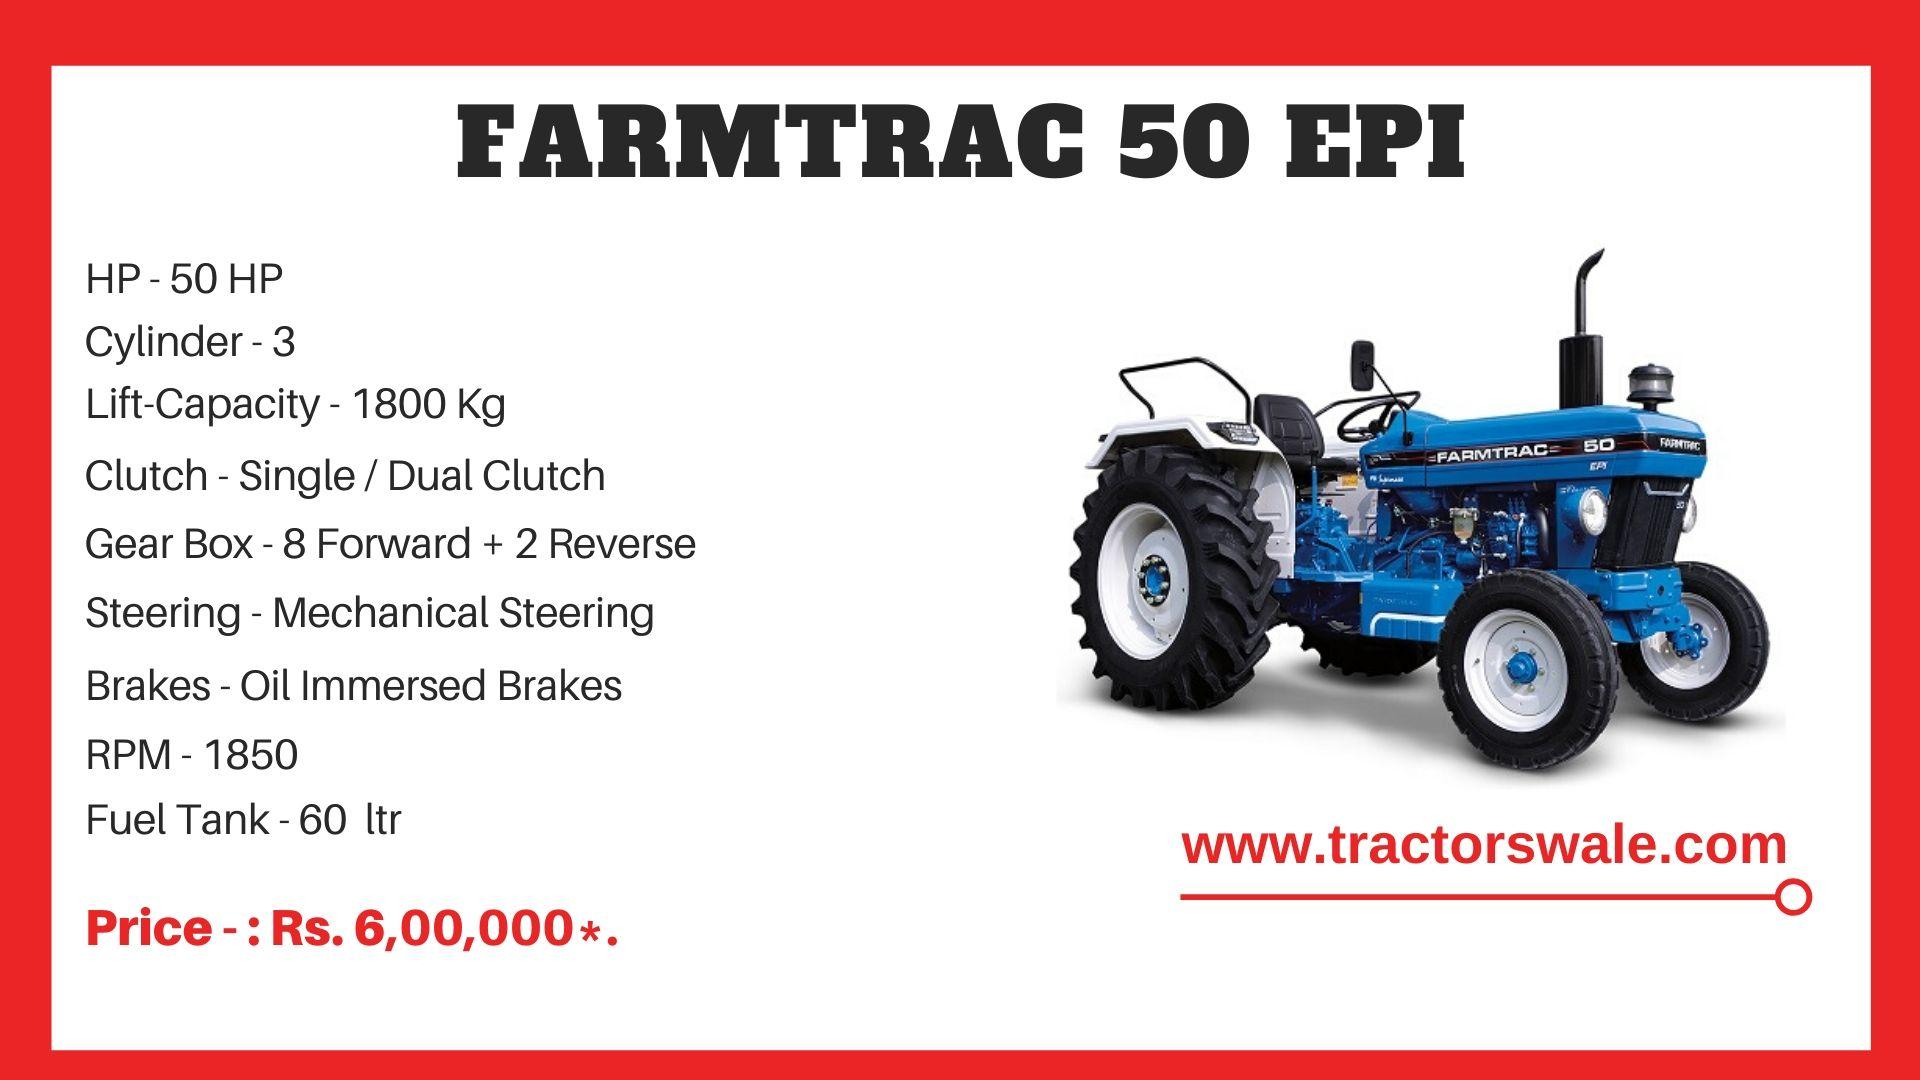 Farmtrac 50 EPI tractor price